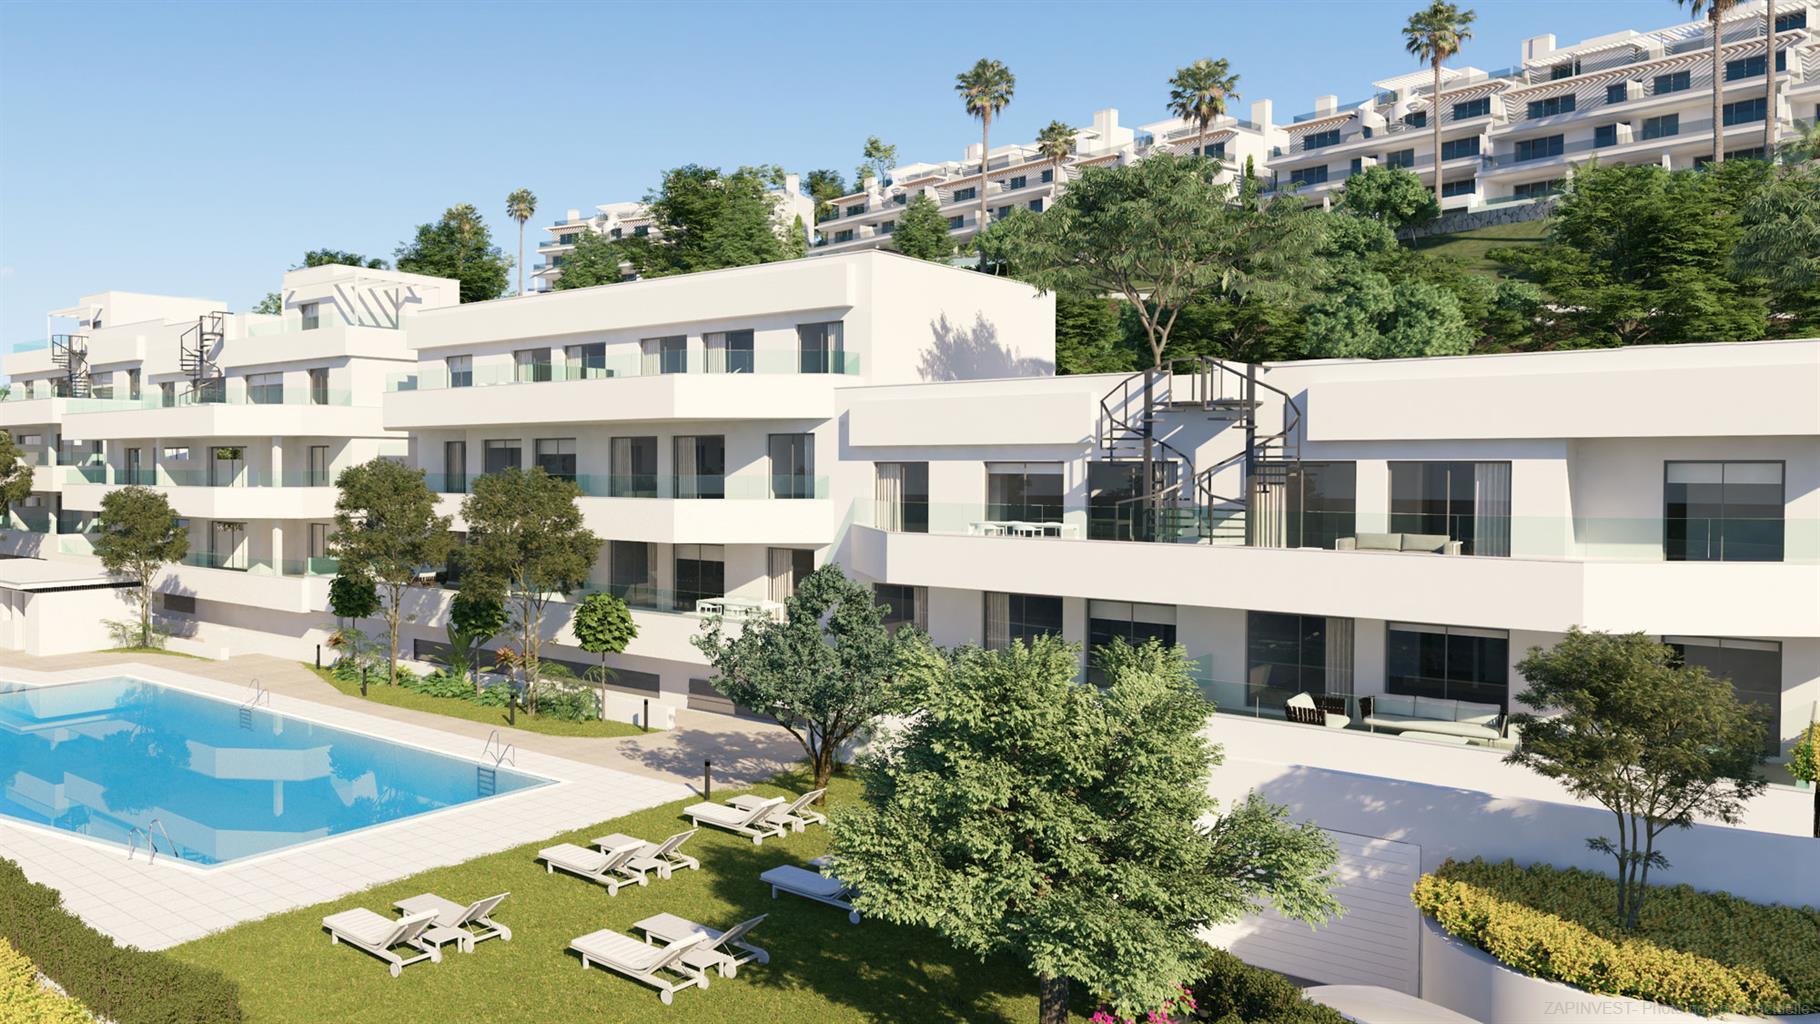 Nouvelle promotion de style innovent et contemporain, avec vue mer, à seulement 10 minutes d'Estepona, avec piscine commune et près du golf.